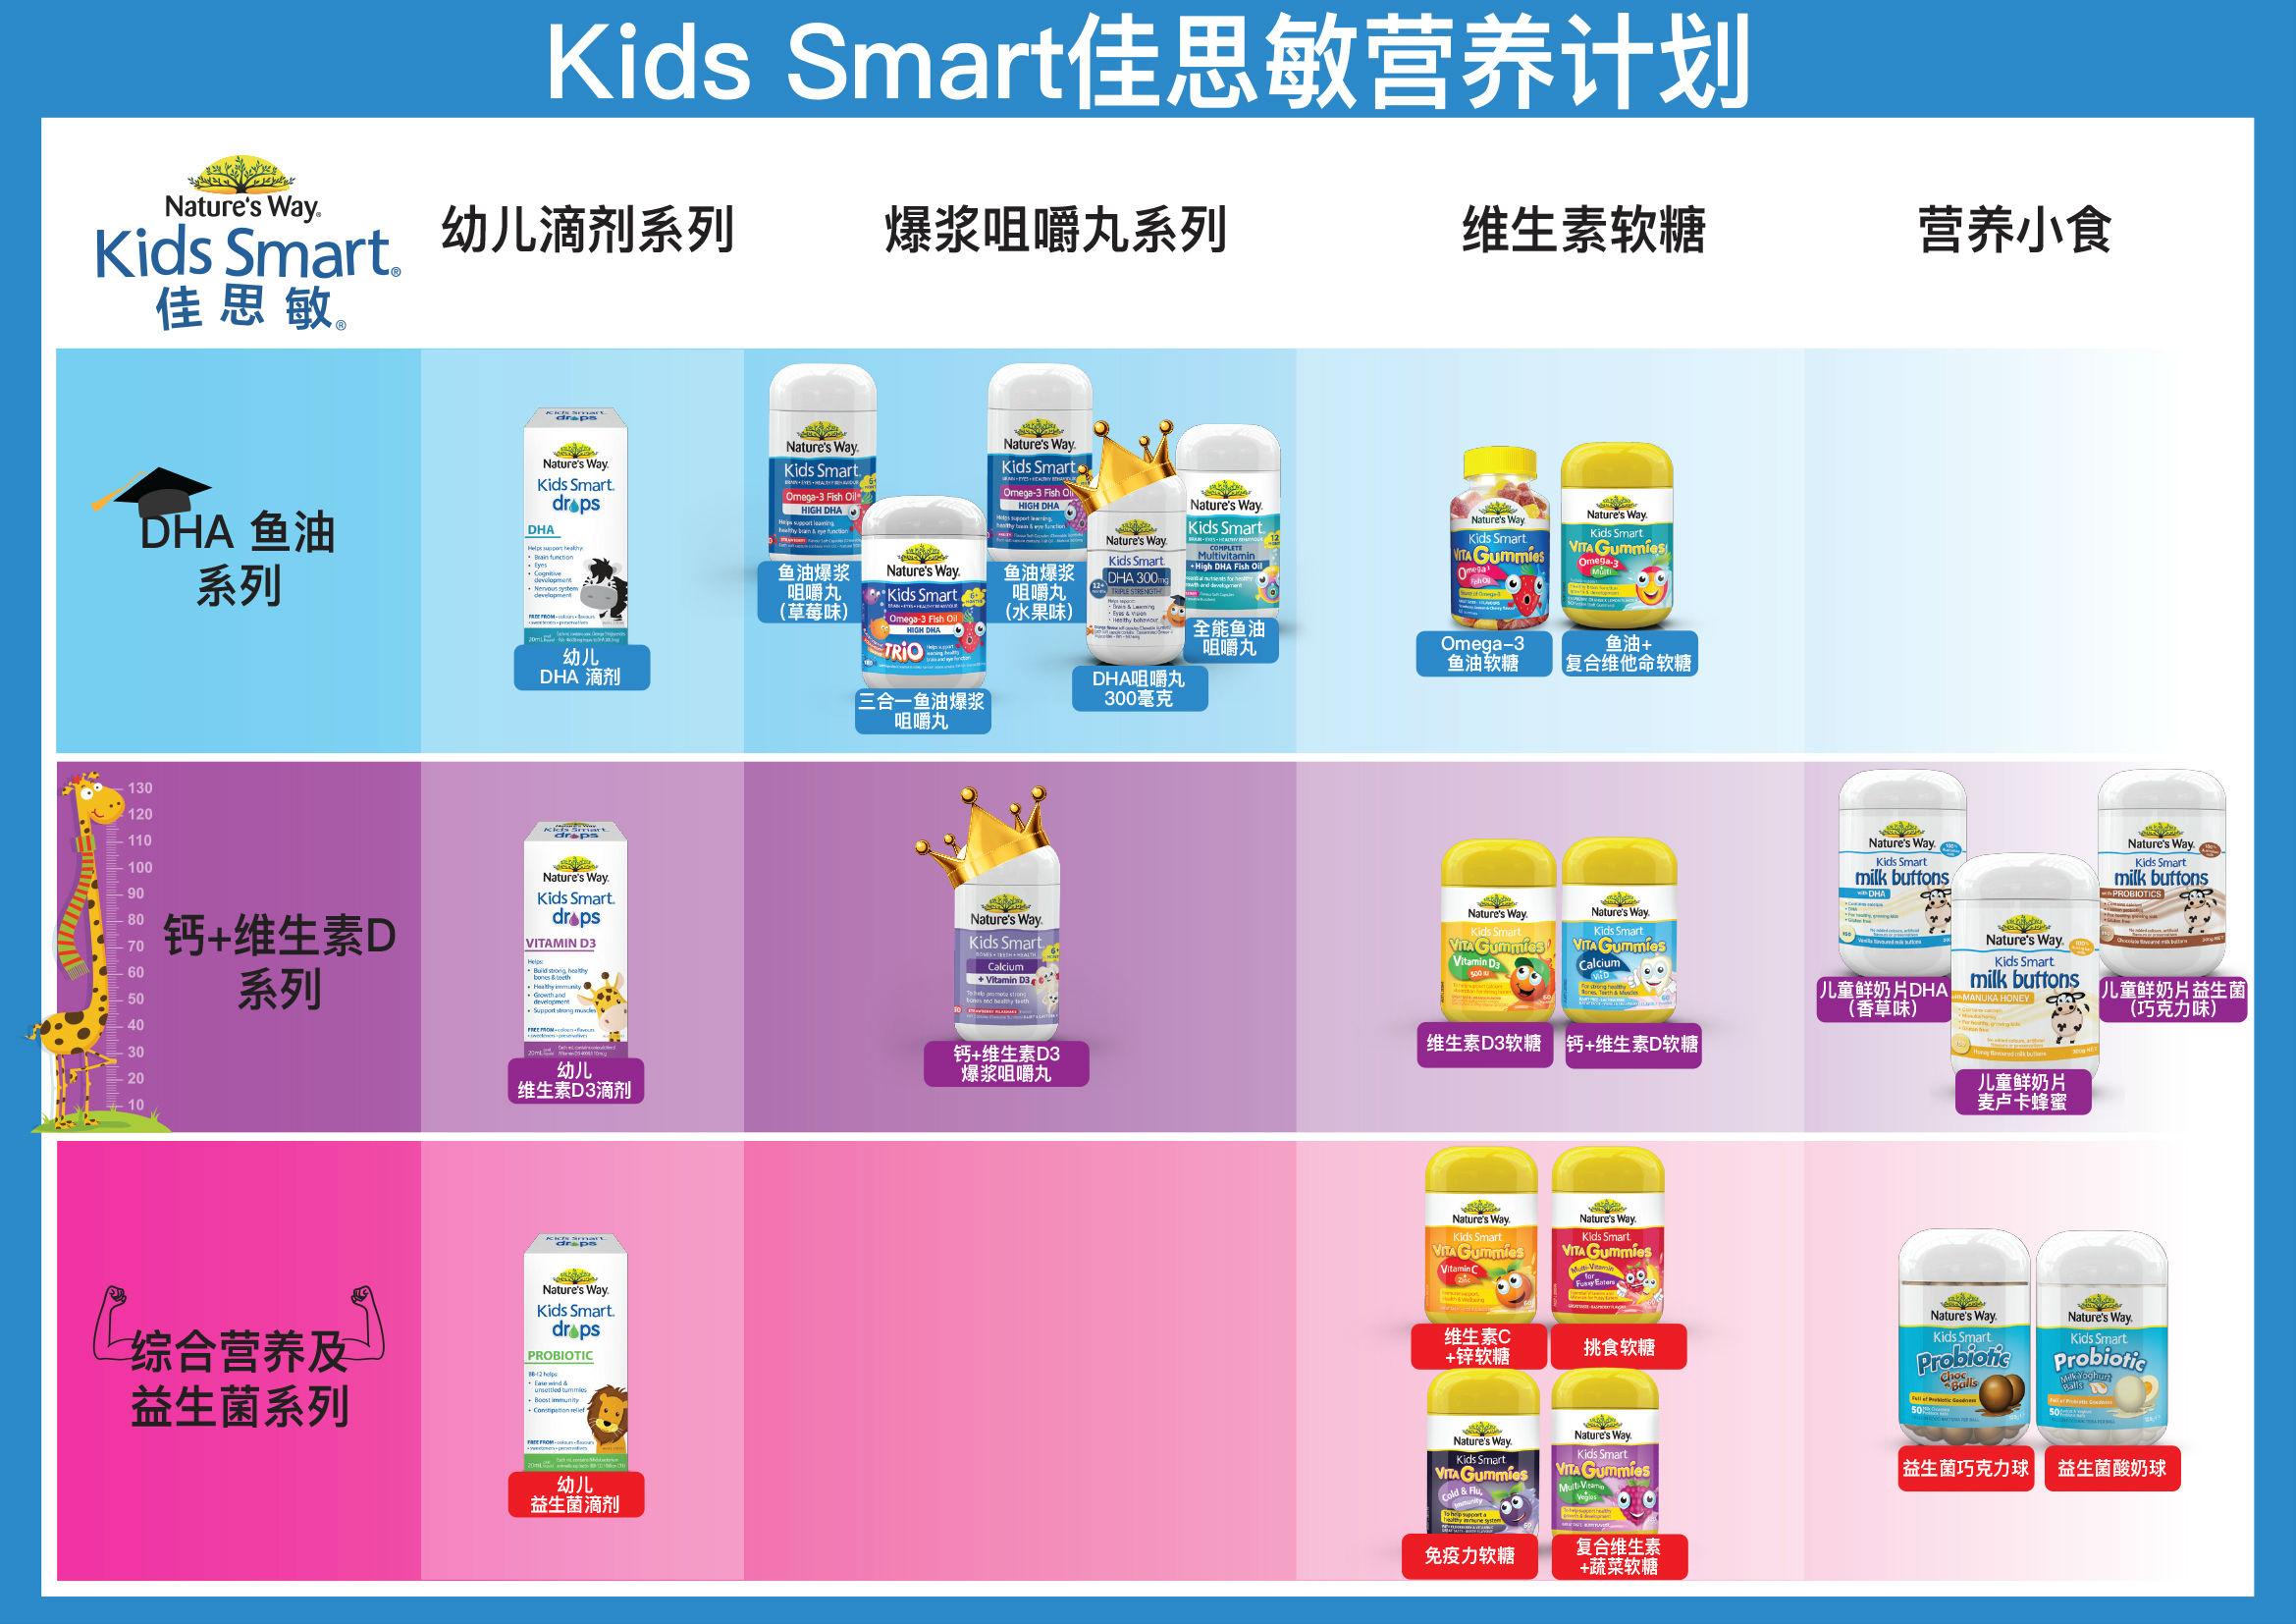 佳思敏Kids Smart营养计划